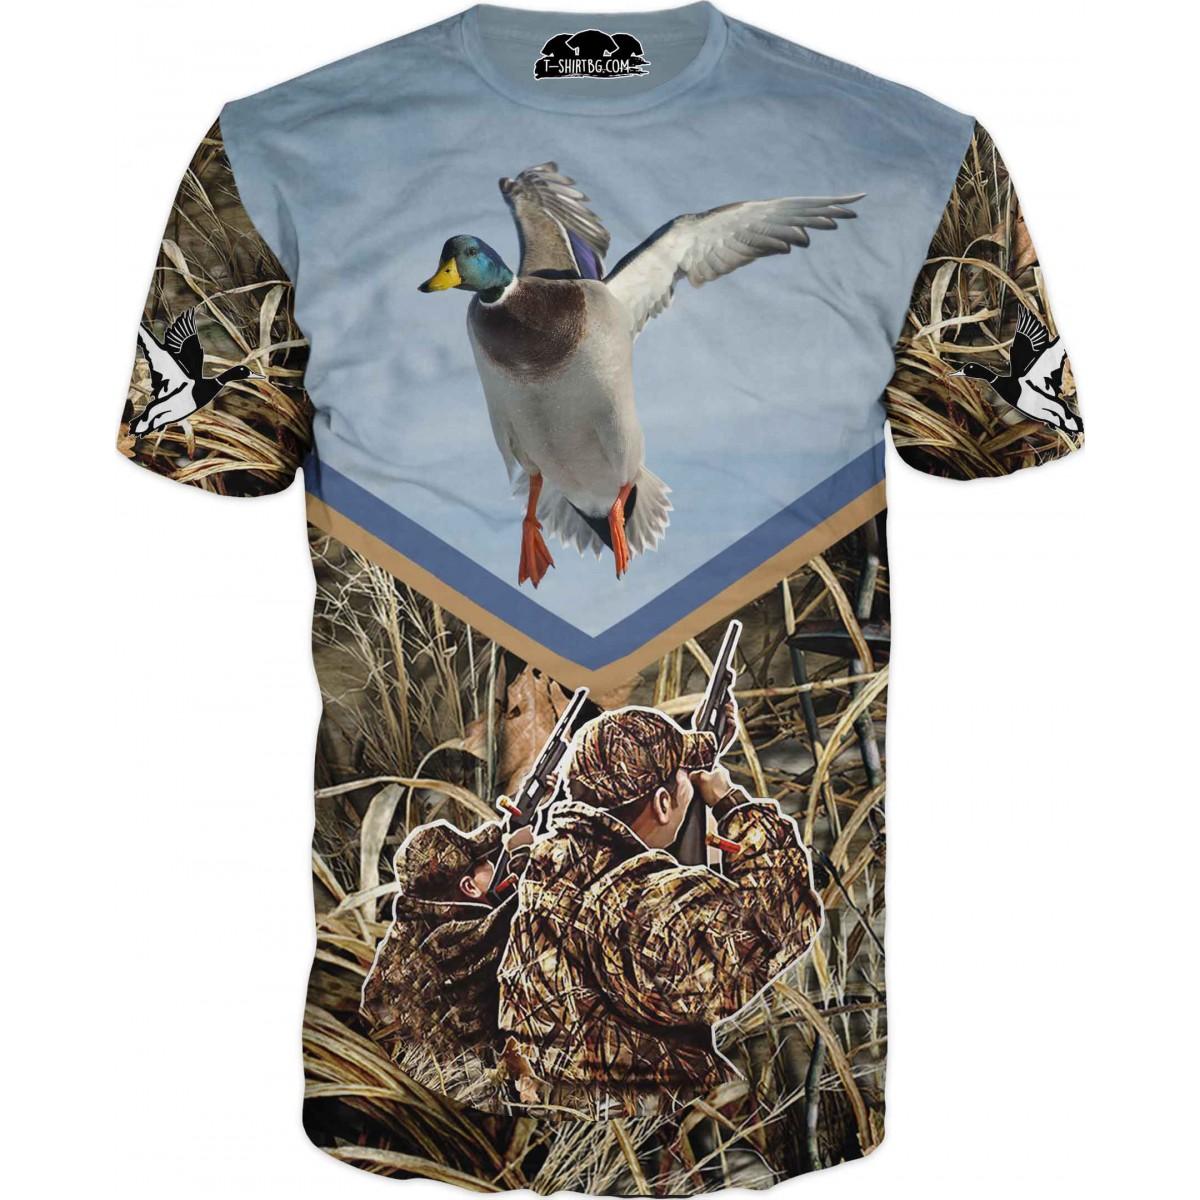 Ловна тениска с патица и ловци в тръстика